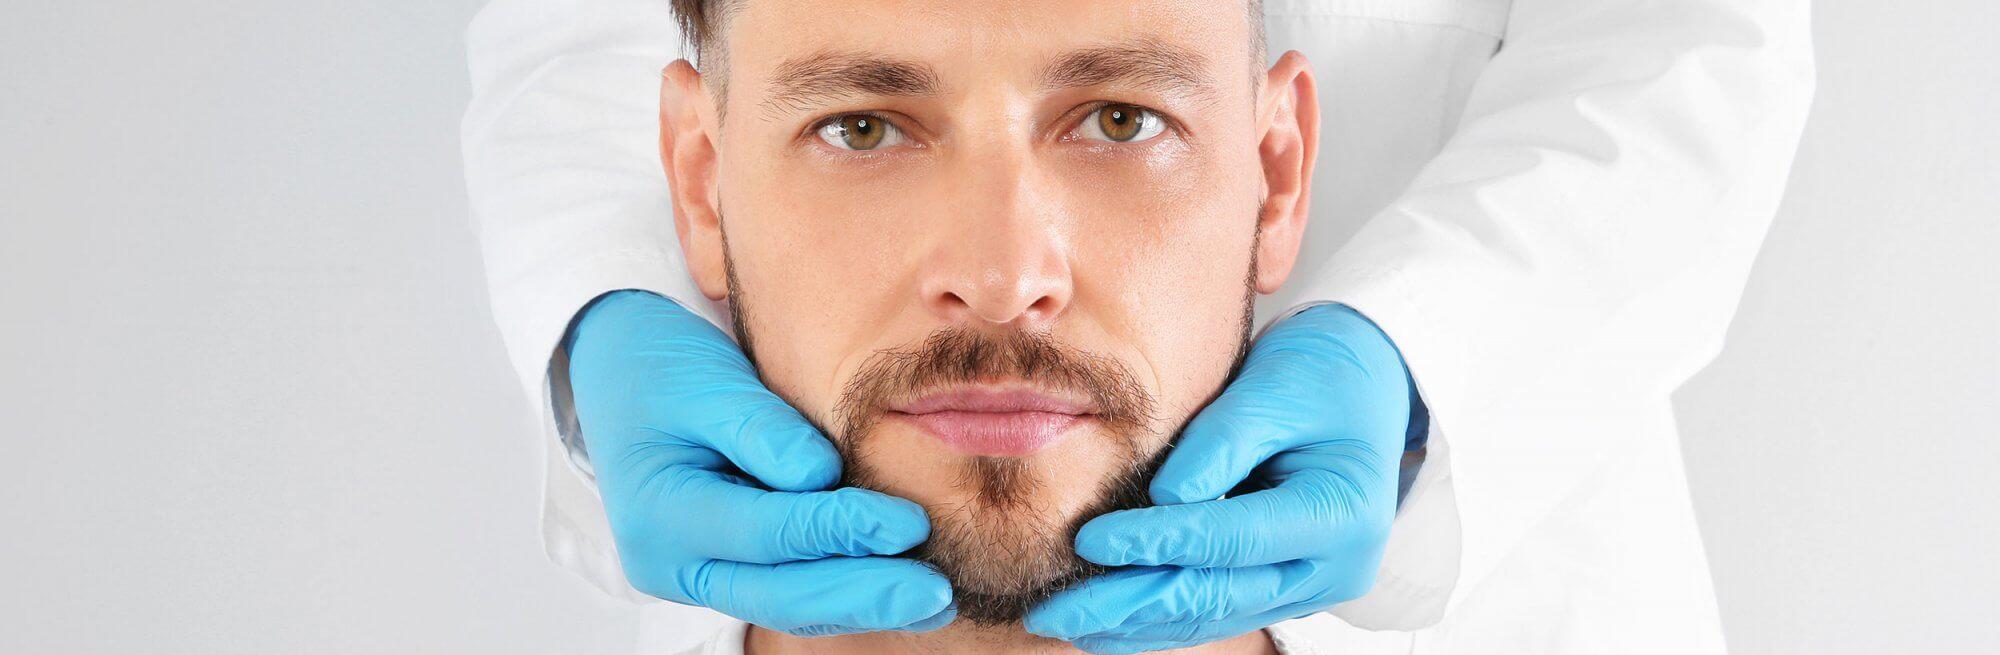 Schönheitsoperationen für Männer | Mannheimer Klinik für Plastische Chirurgie